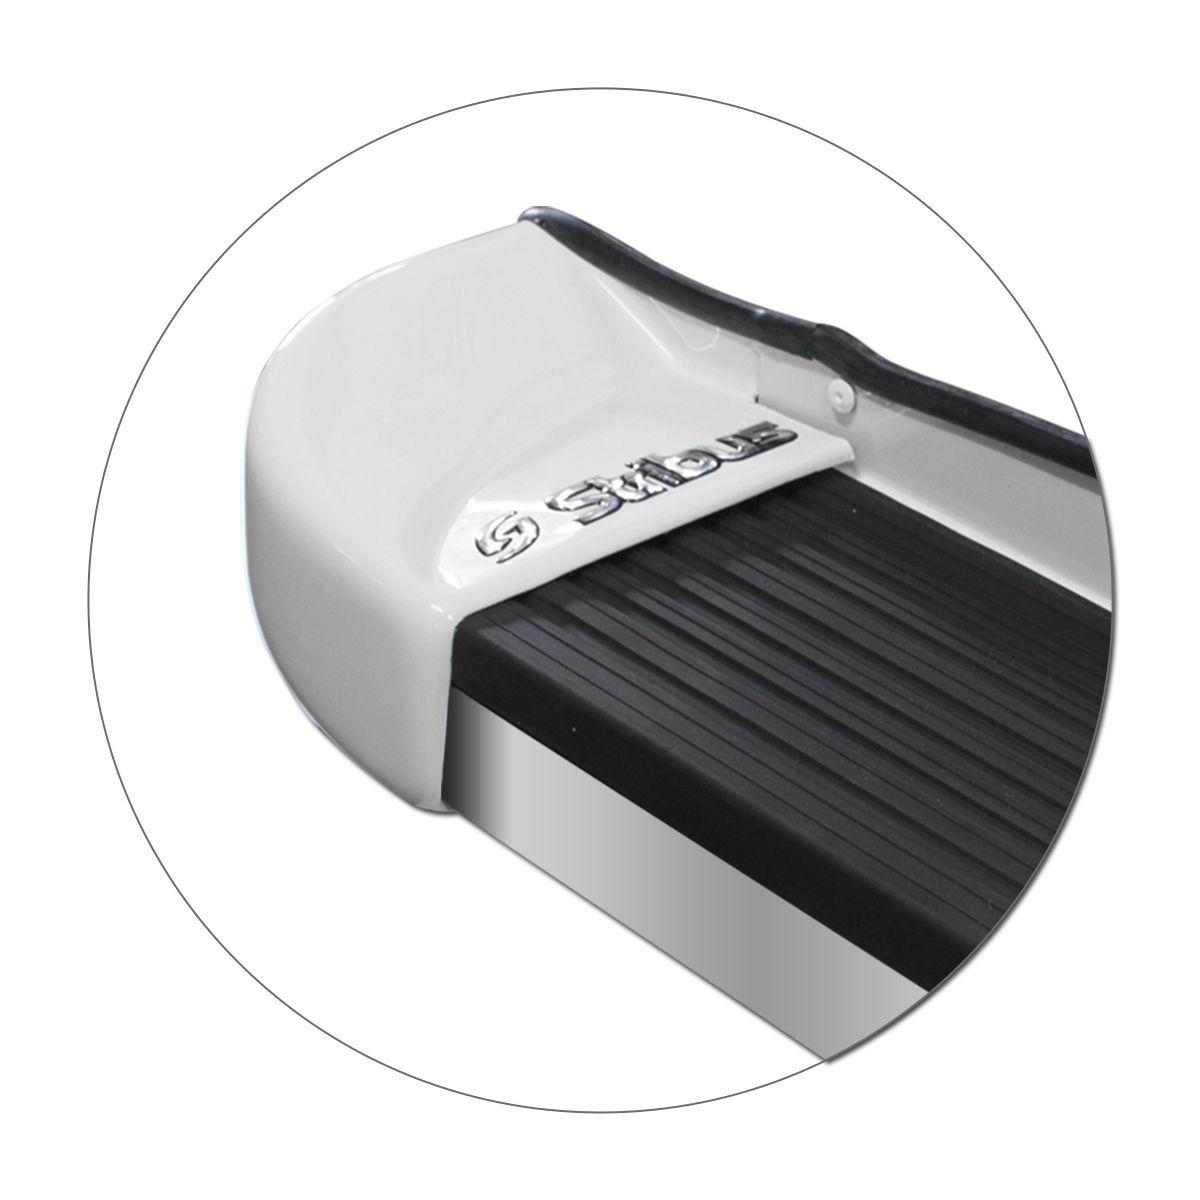 Estribo Lateral Rav4 2013 a 2019 Branco Perolizado Stribus